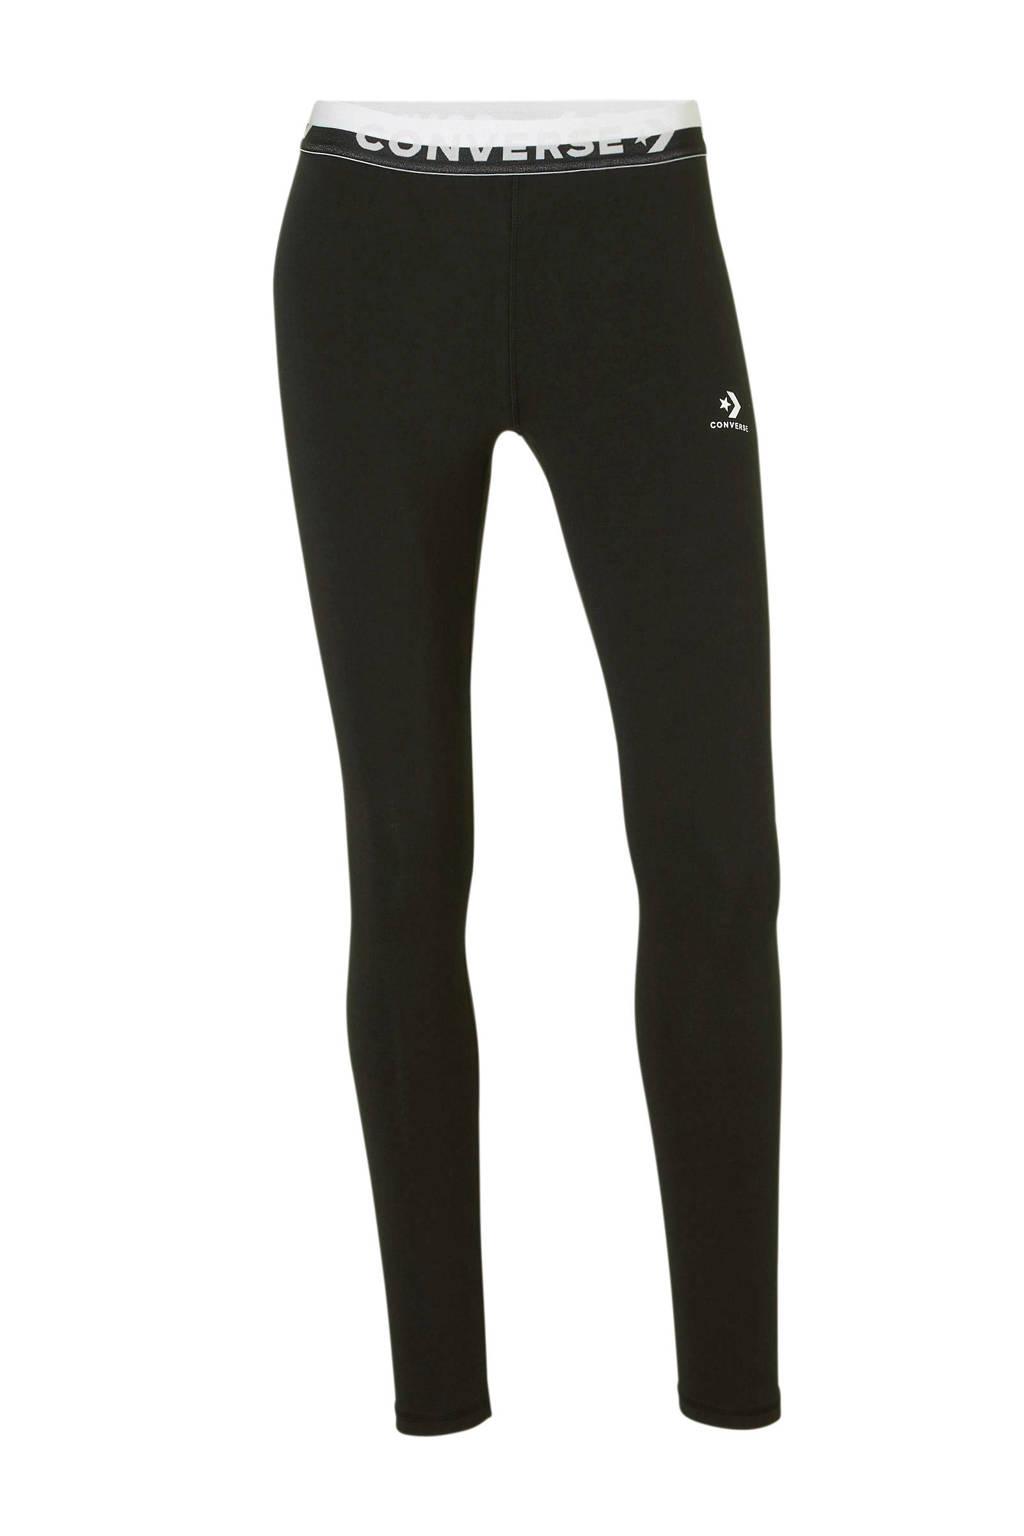 Converse 7/8 legging zwart, Zwart